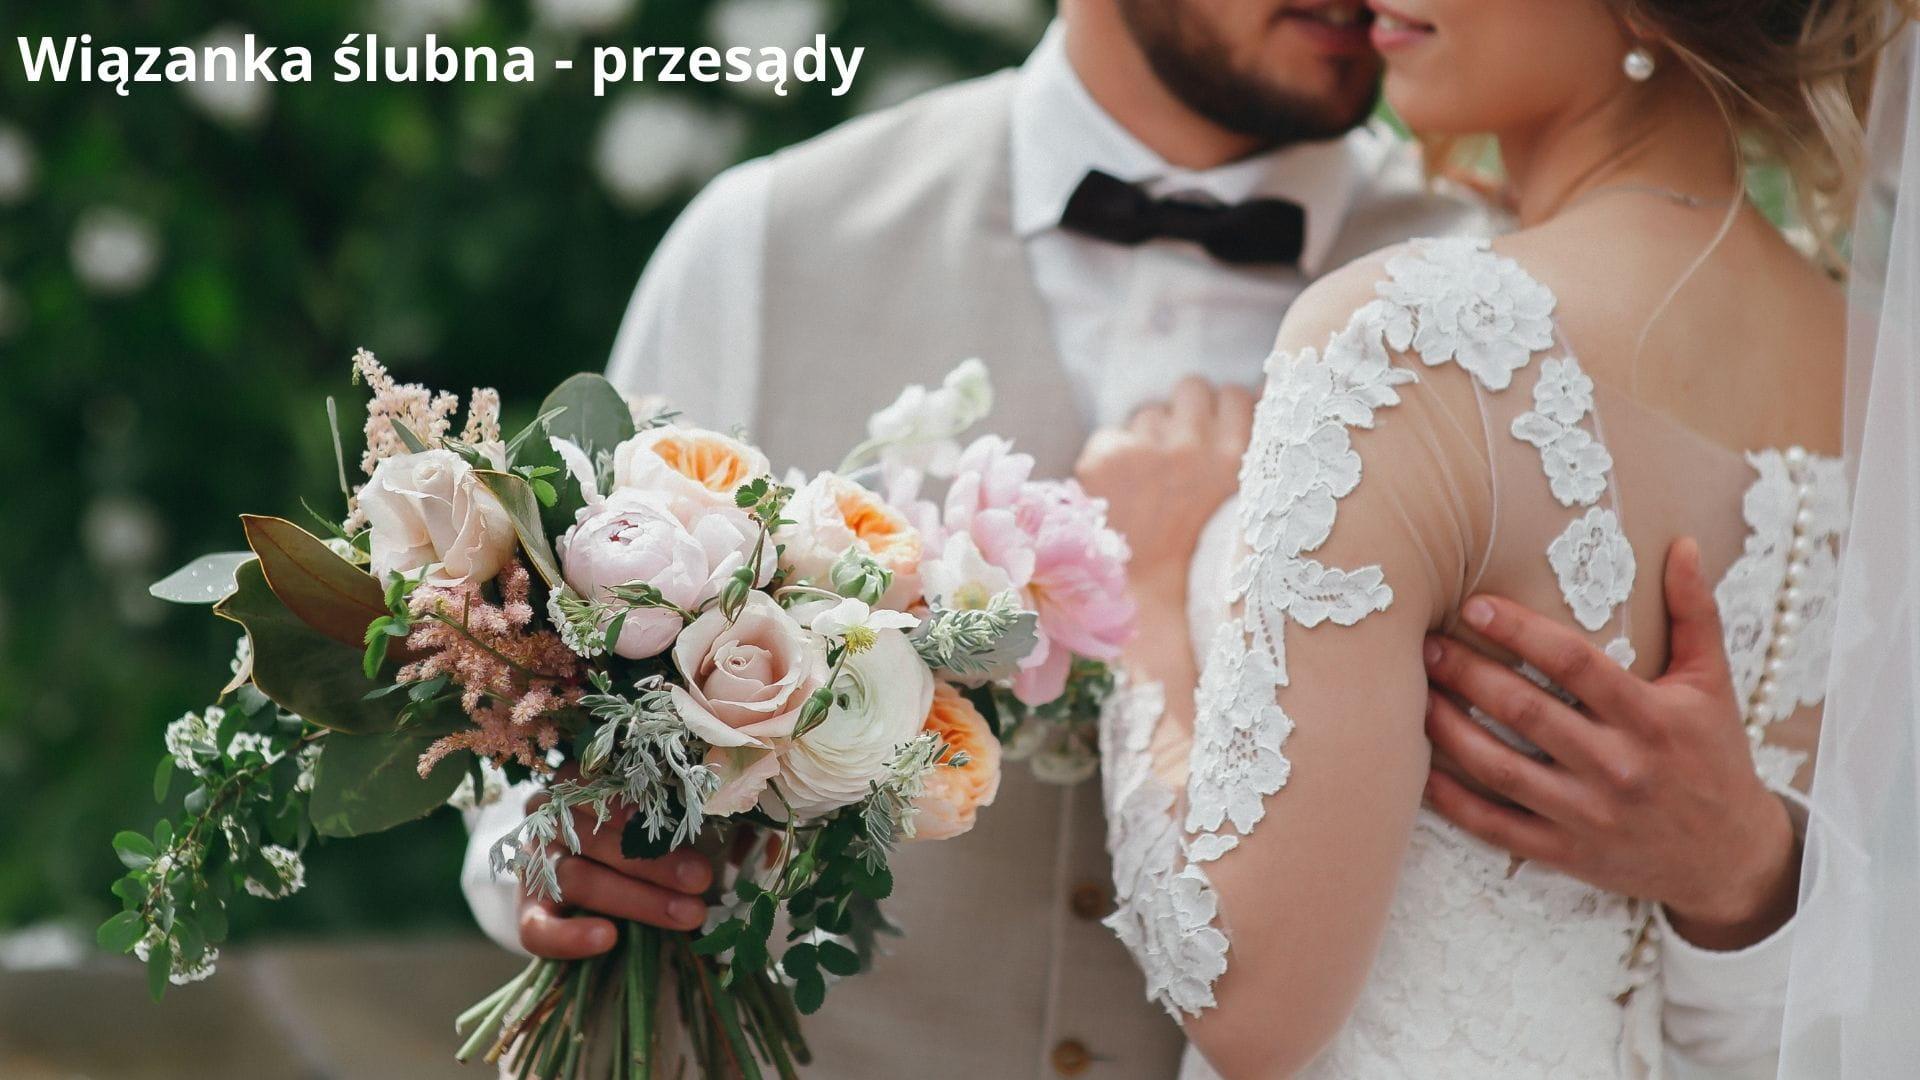 Wiązanka ślubna - przesądy